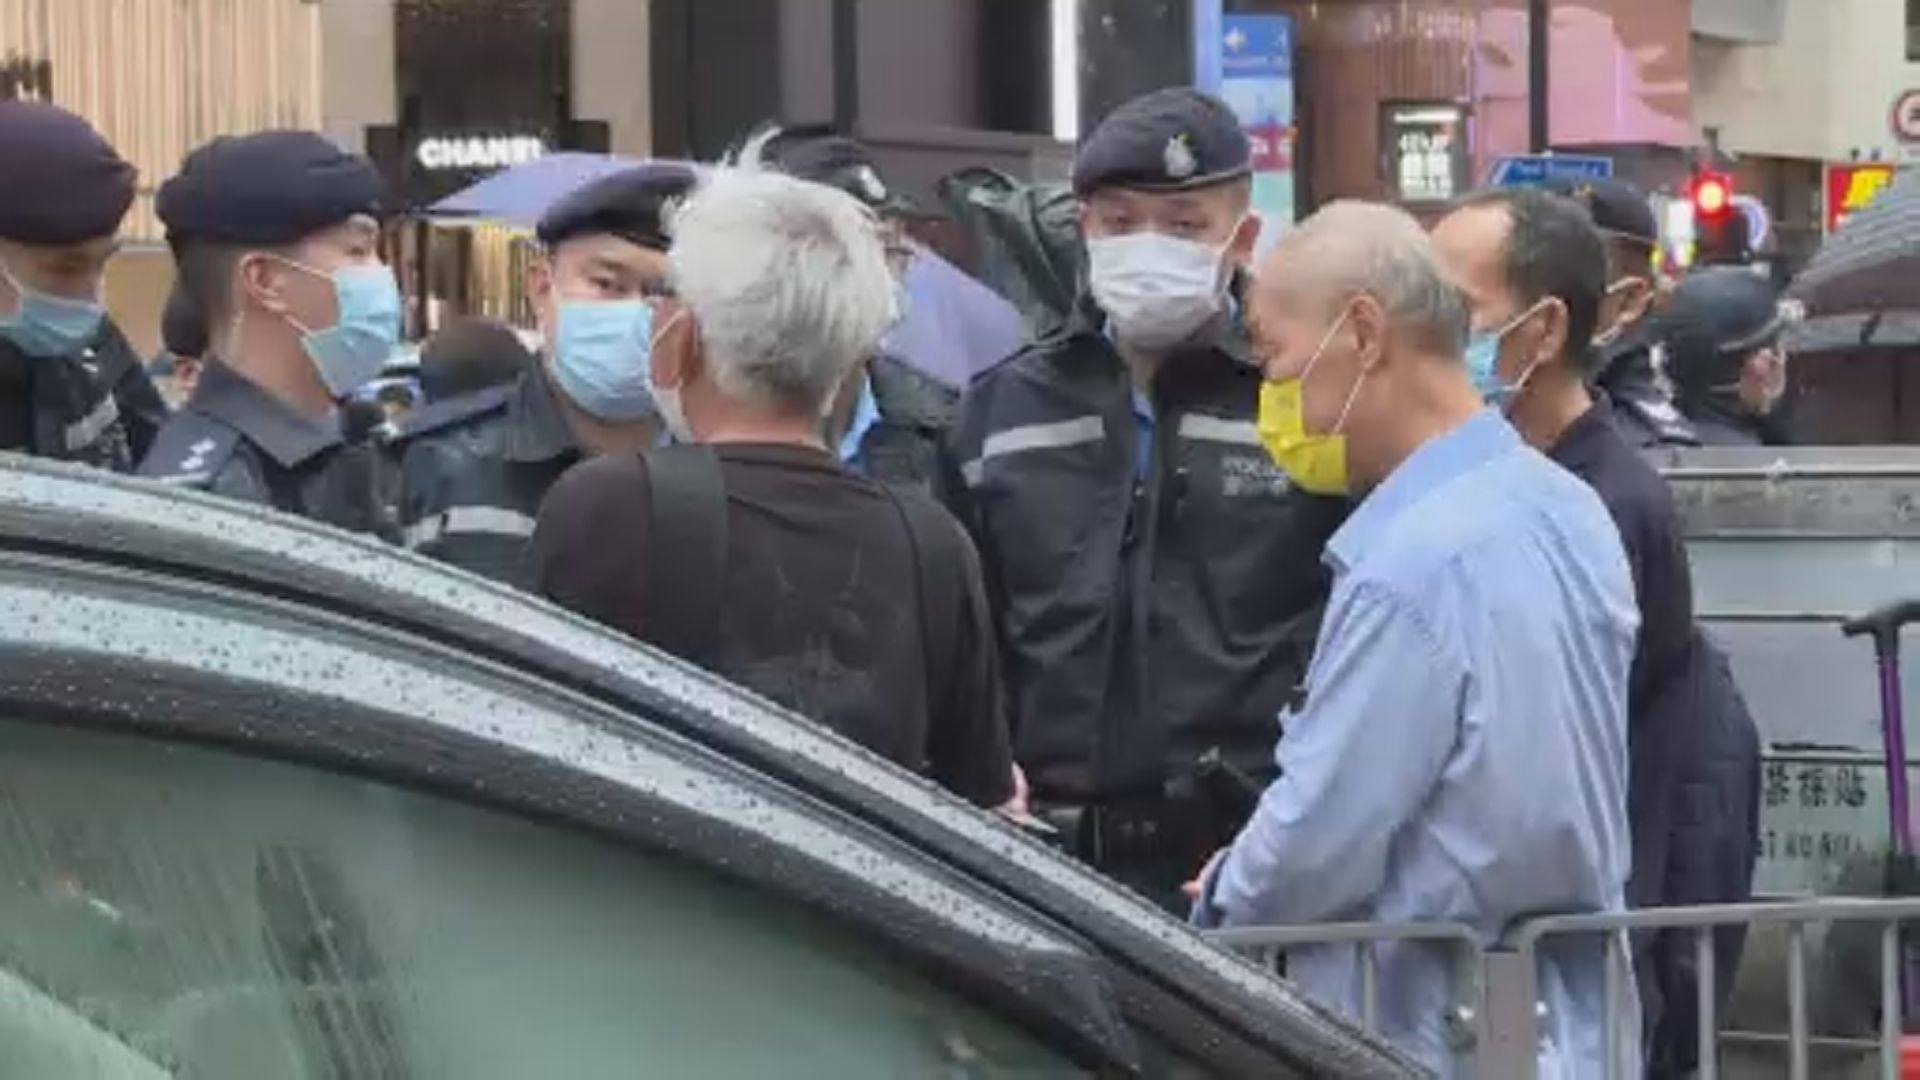 【612兩周年】警方在銅鑼灣及旺角截查多人 票控涉違反限聚令的團體